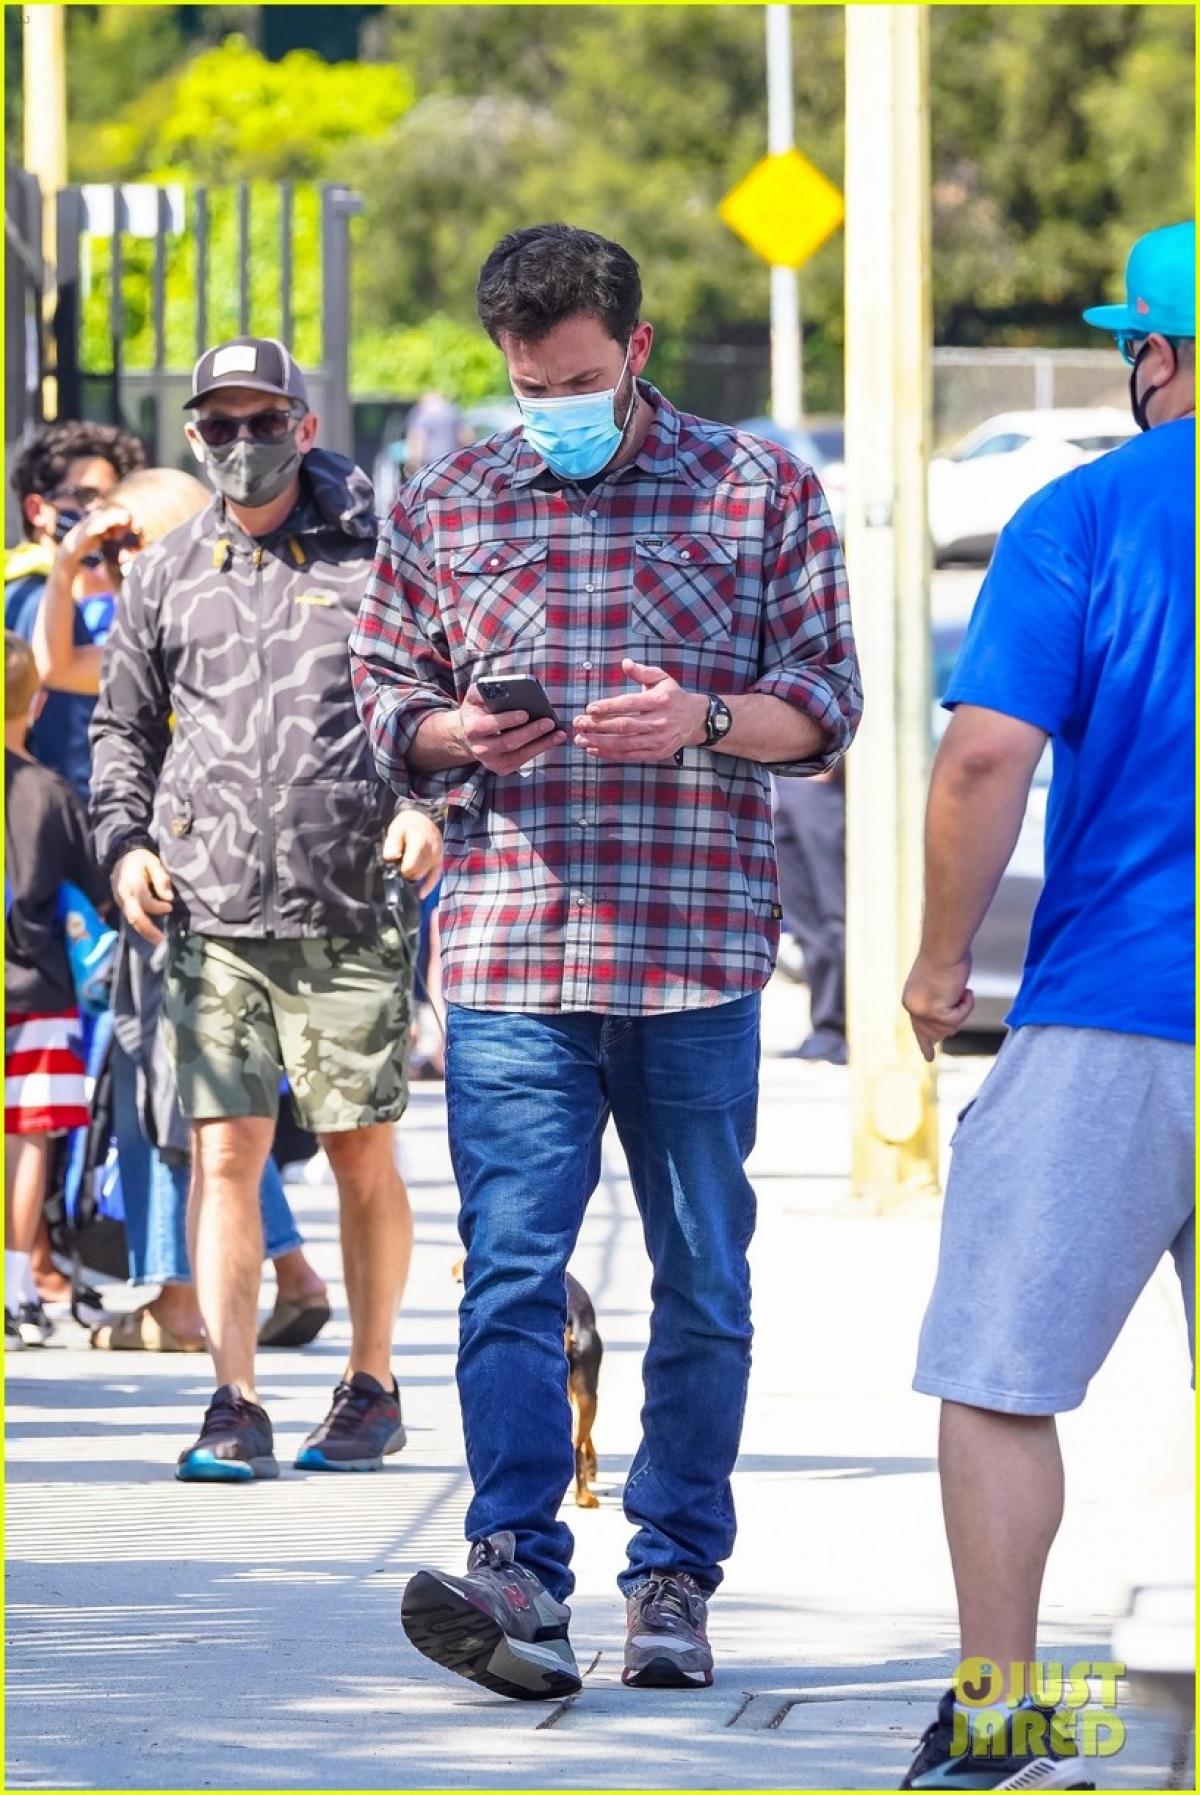 Anh liên tục sử dụng điện thoại khi xuất hiện trên phố.